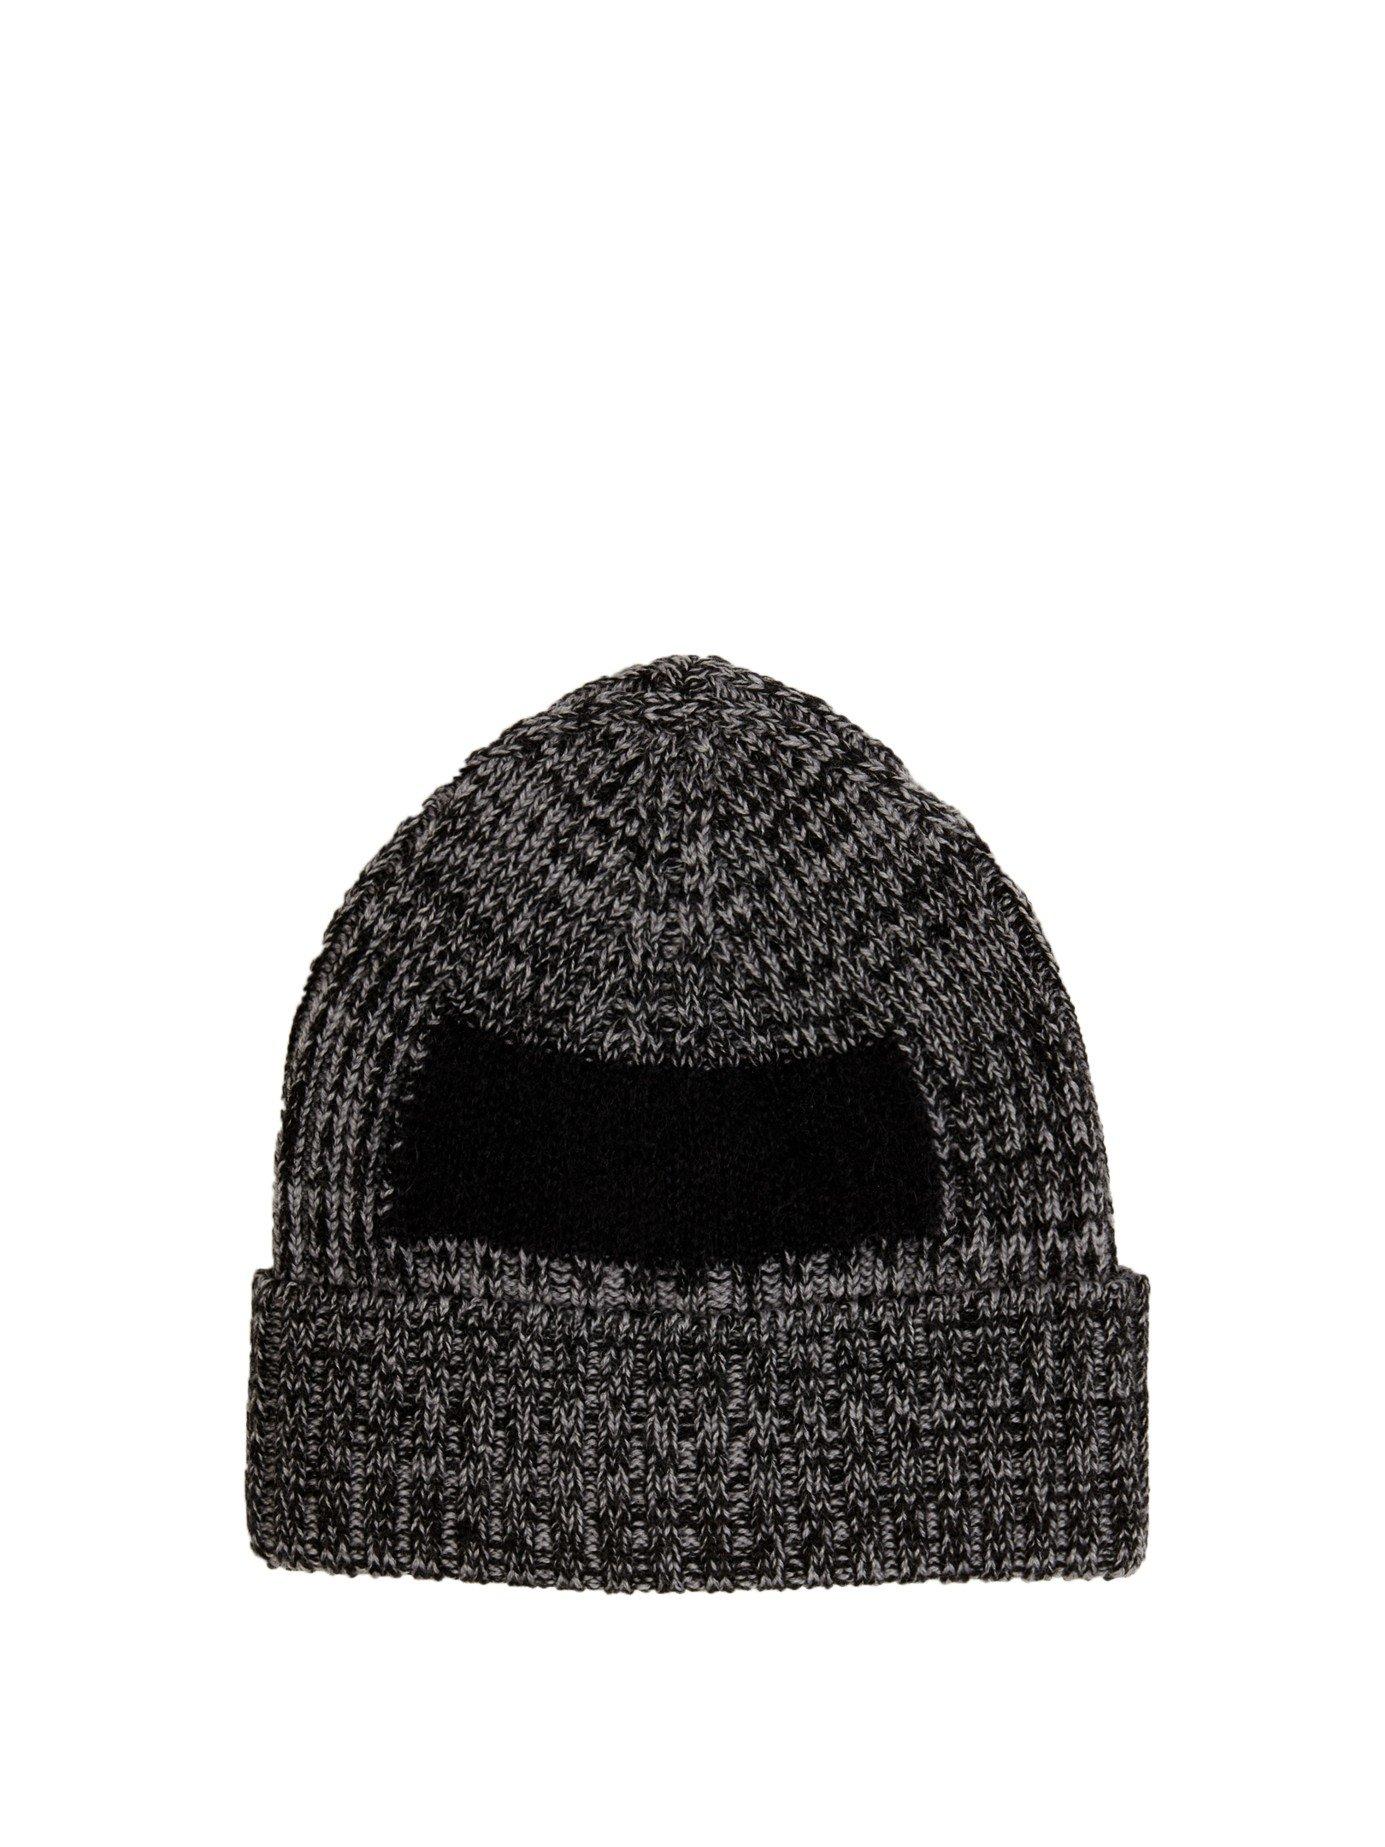 Oamc Ribbed Mohair-insert Beanie Hat in Gray for Men